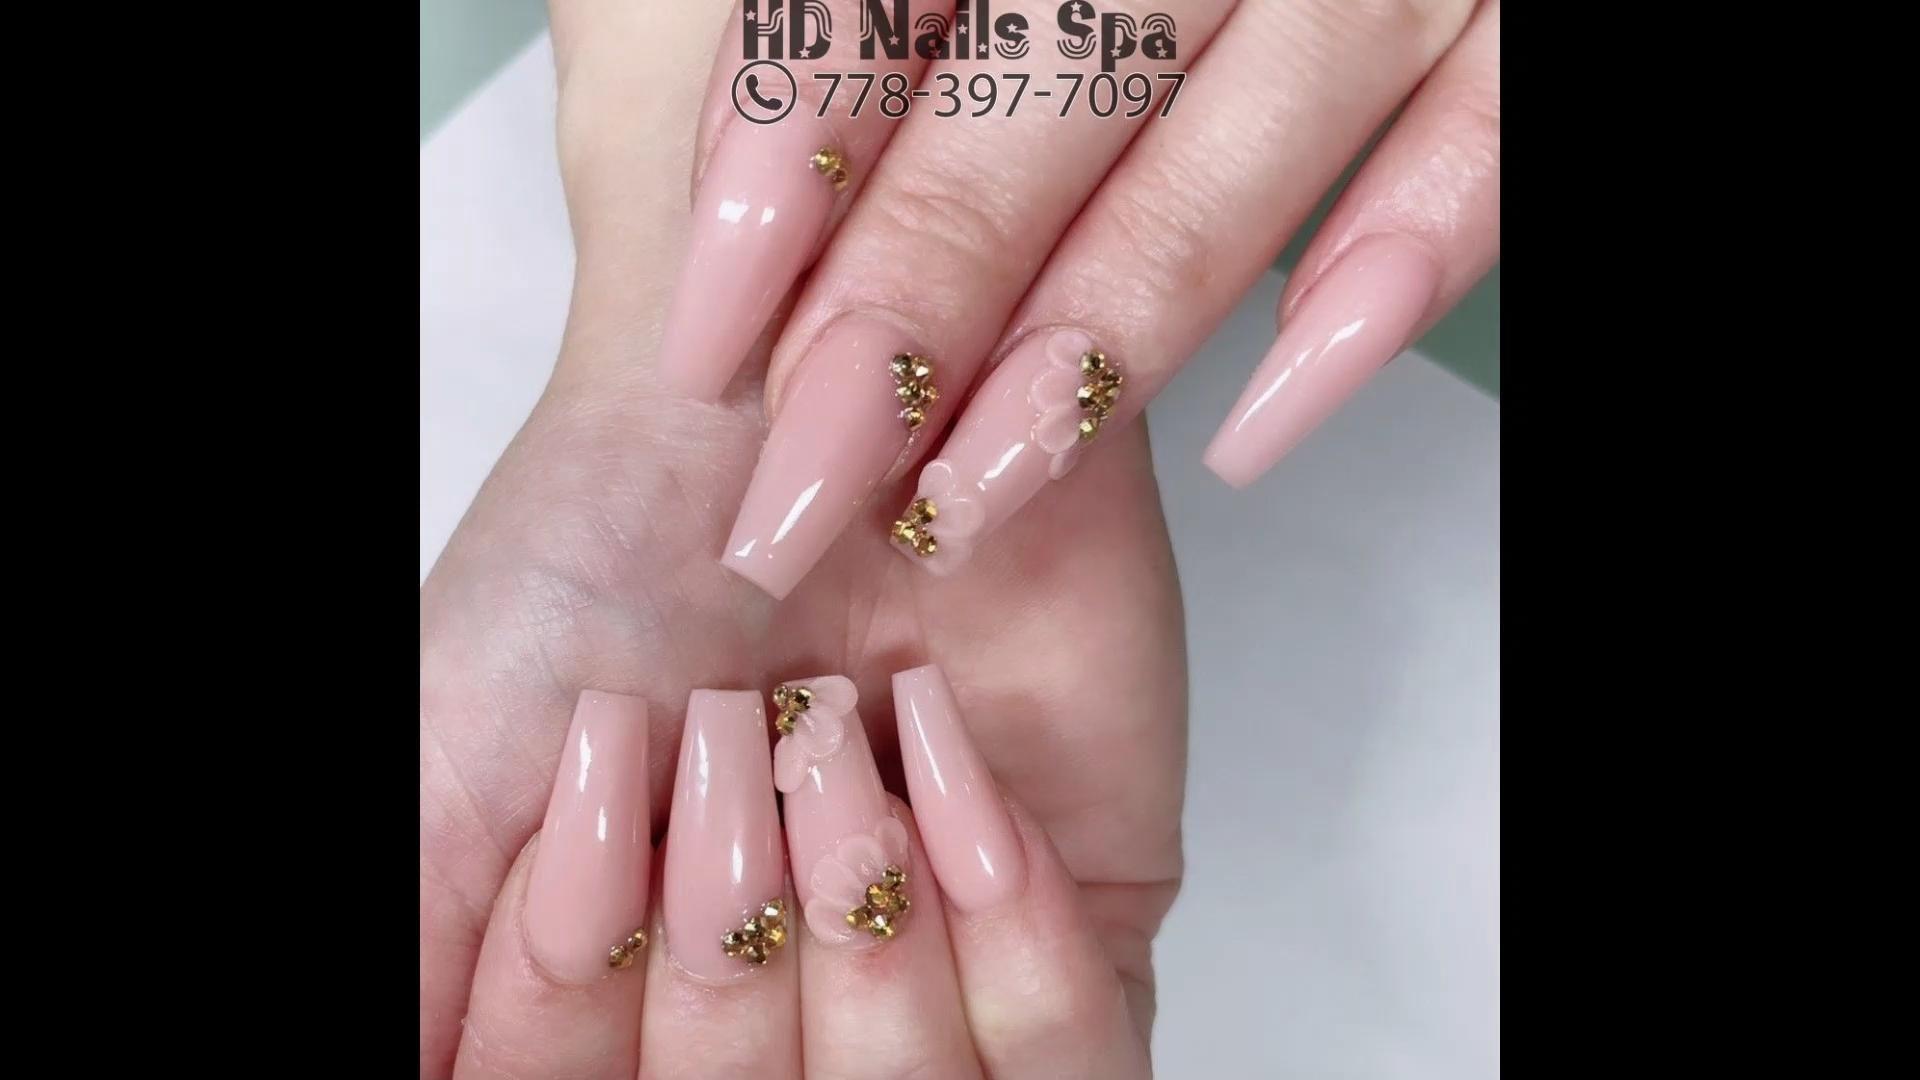 Nail Salon New Westminster Hd Nail Spa New Westminster Bc V3m 5x2 Video Nails Gel Nails Nail Colors